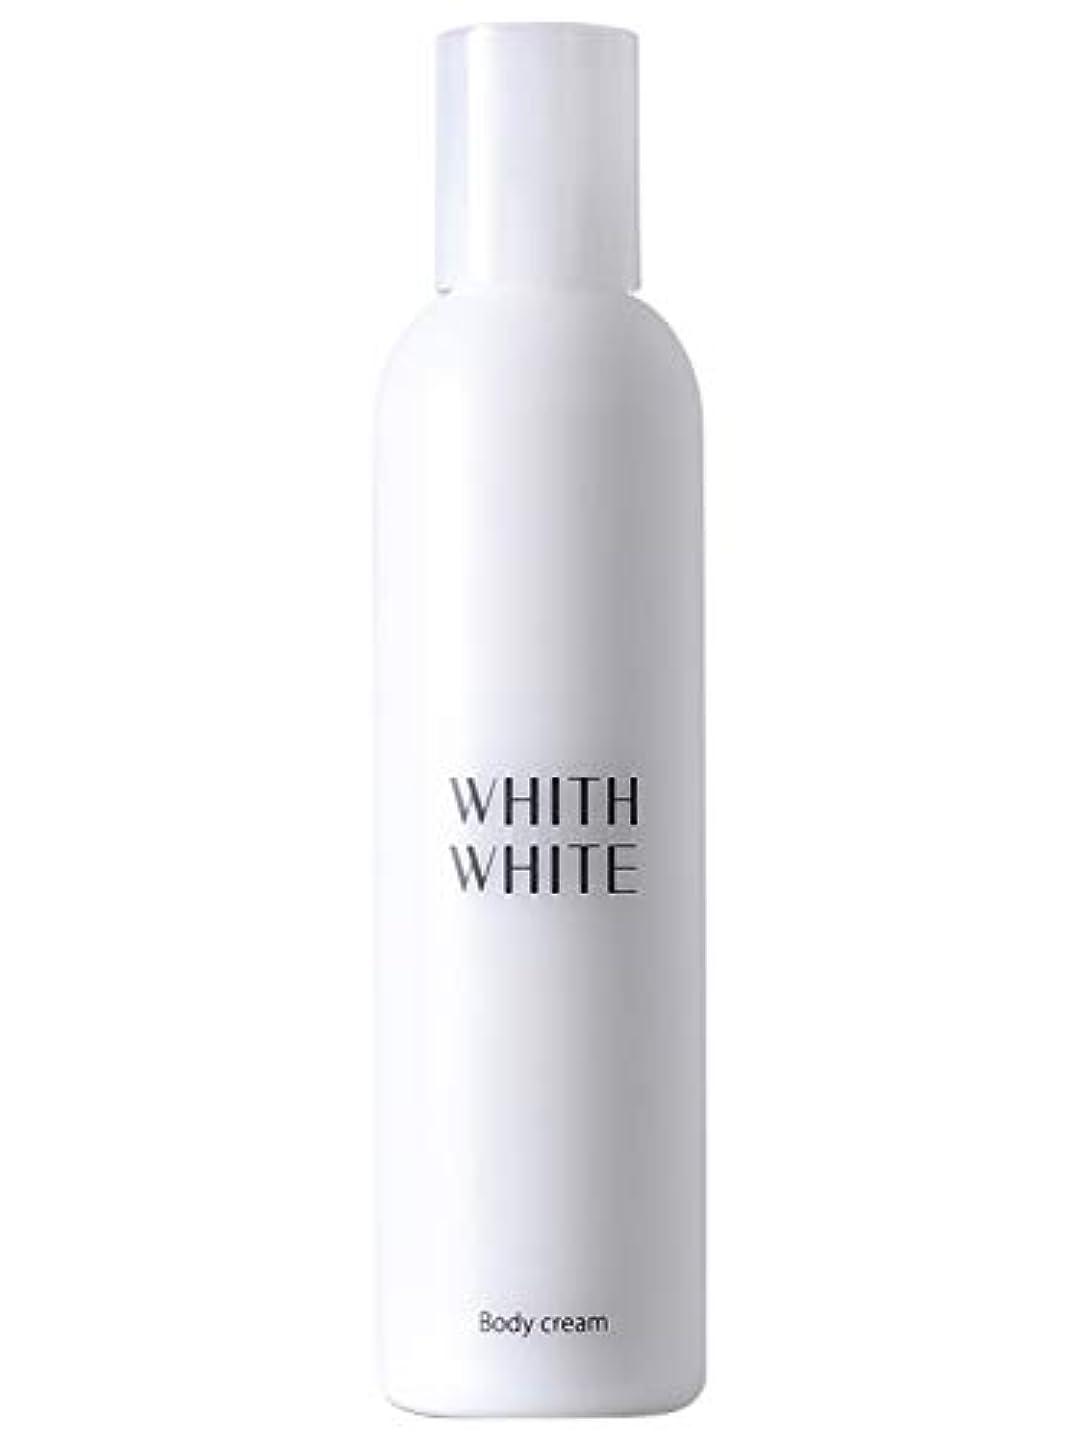 仕事風常習者フィス ホワイト 保湿 ボディクリーム 「顔 かかと 全身 乾燥肌 しみ くすみ 用 エモリエント 保湿クリーム 」200g